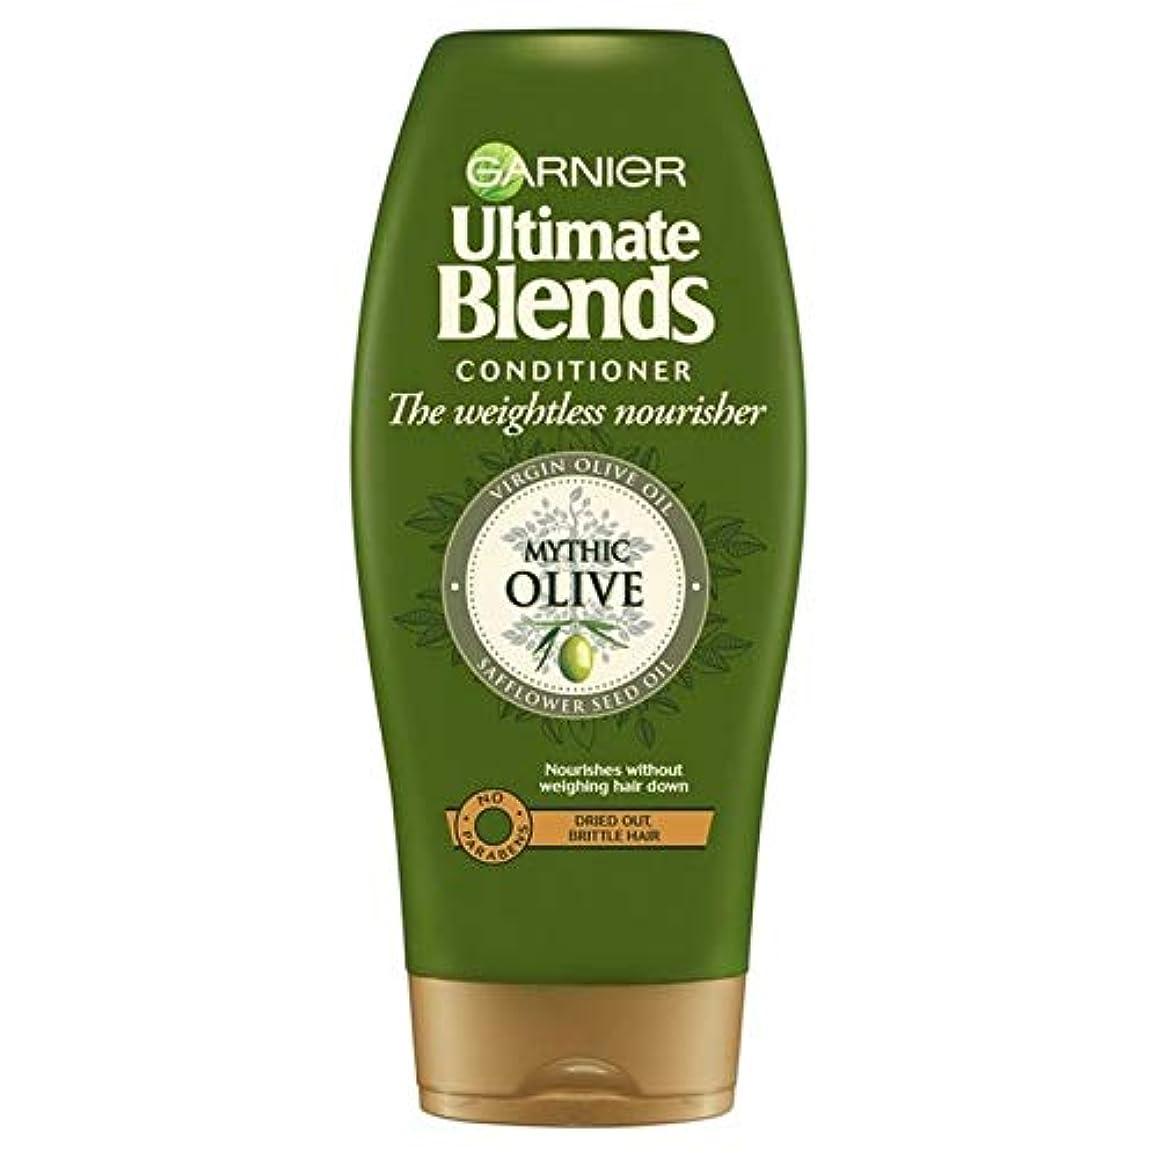 落ちた顕微鏡ステーキ[Garnier ] ガルニエ究極のオリーブオイルドライヘアコンディショナー360ミリリットルをブレンド - Garnier Ultimate Blends Olive Oil Dry Hair Conditioner...